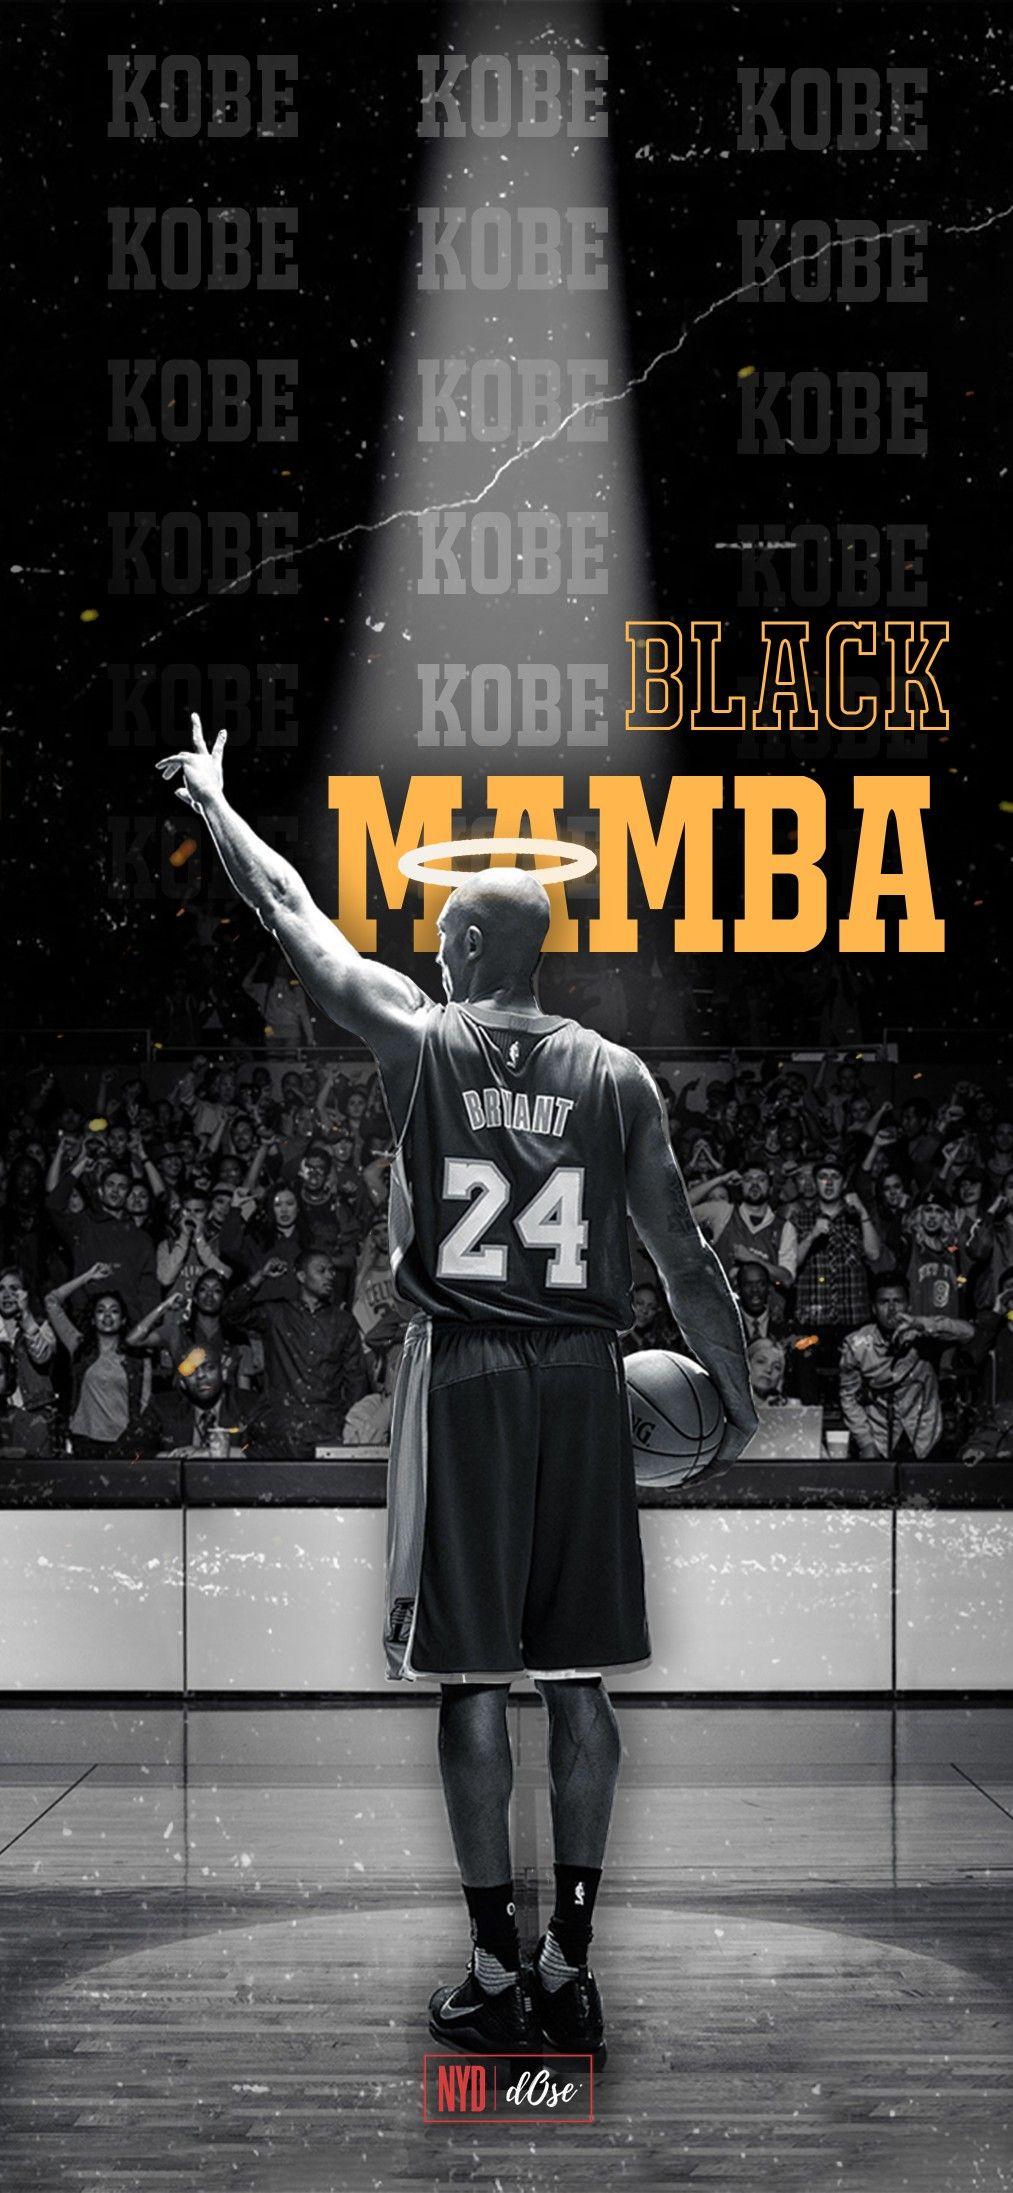 Black Mamba Kobe Bryant Kobe Bryant Black Mamba Kobe Kobe Bryant Black mamba basketball black mamba kobe